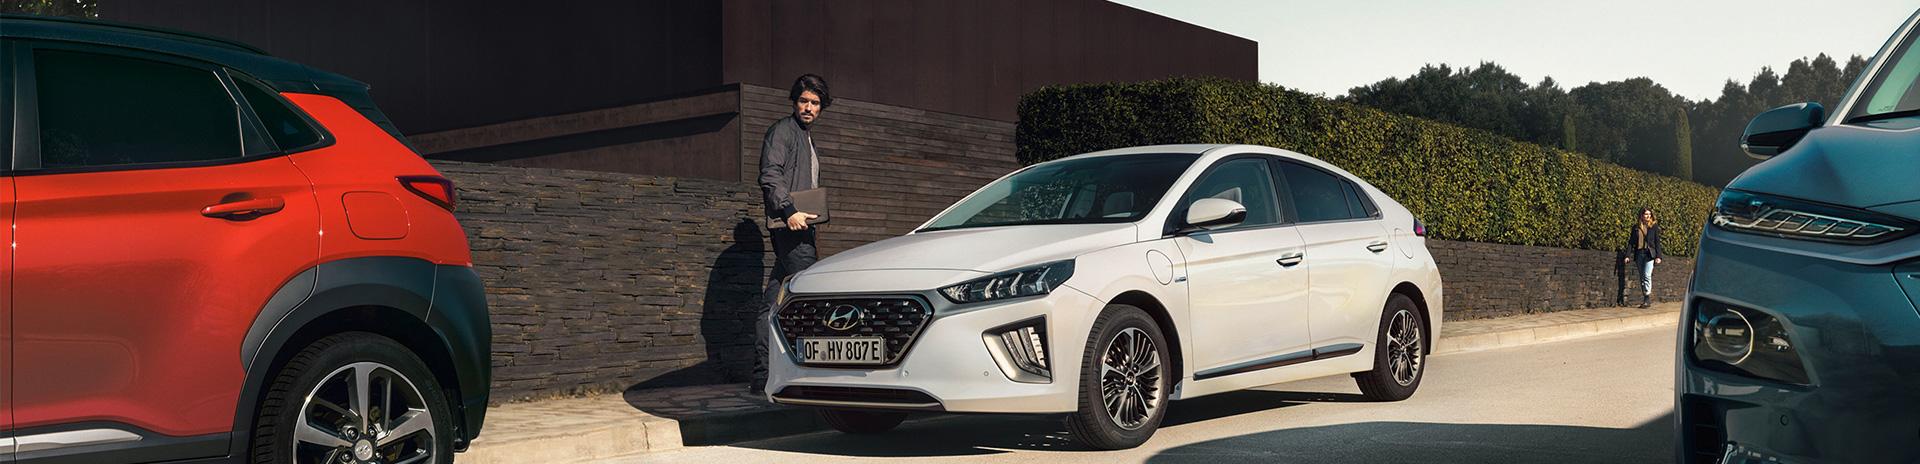 Új Hyundai Ioniq Plug-In Hybrid